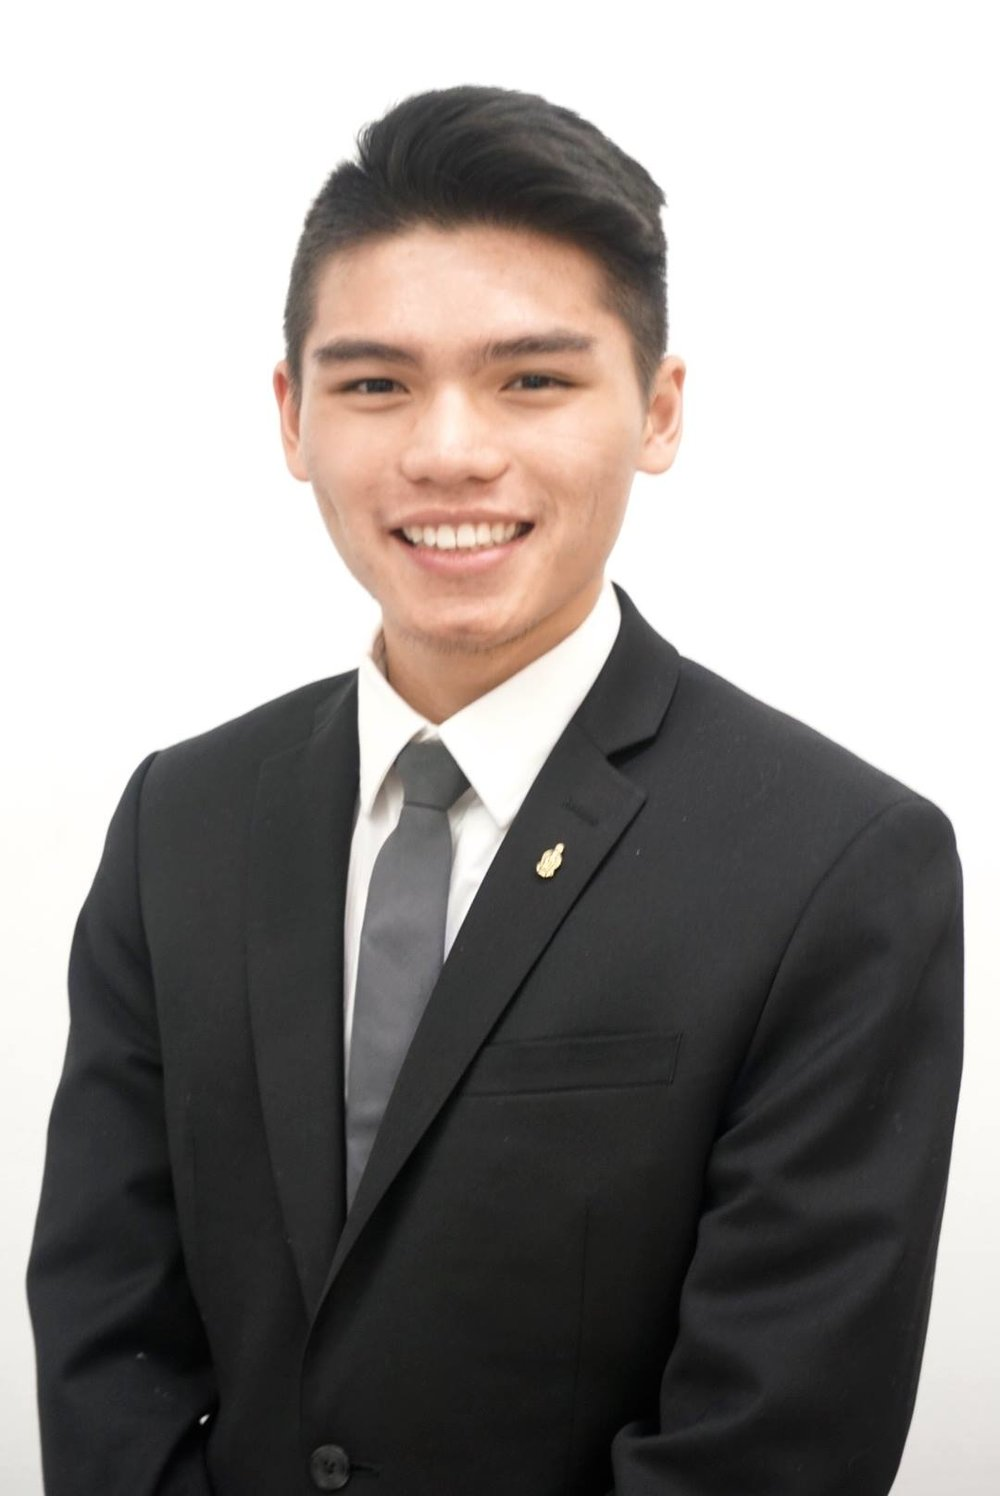 Austin Chen